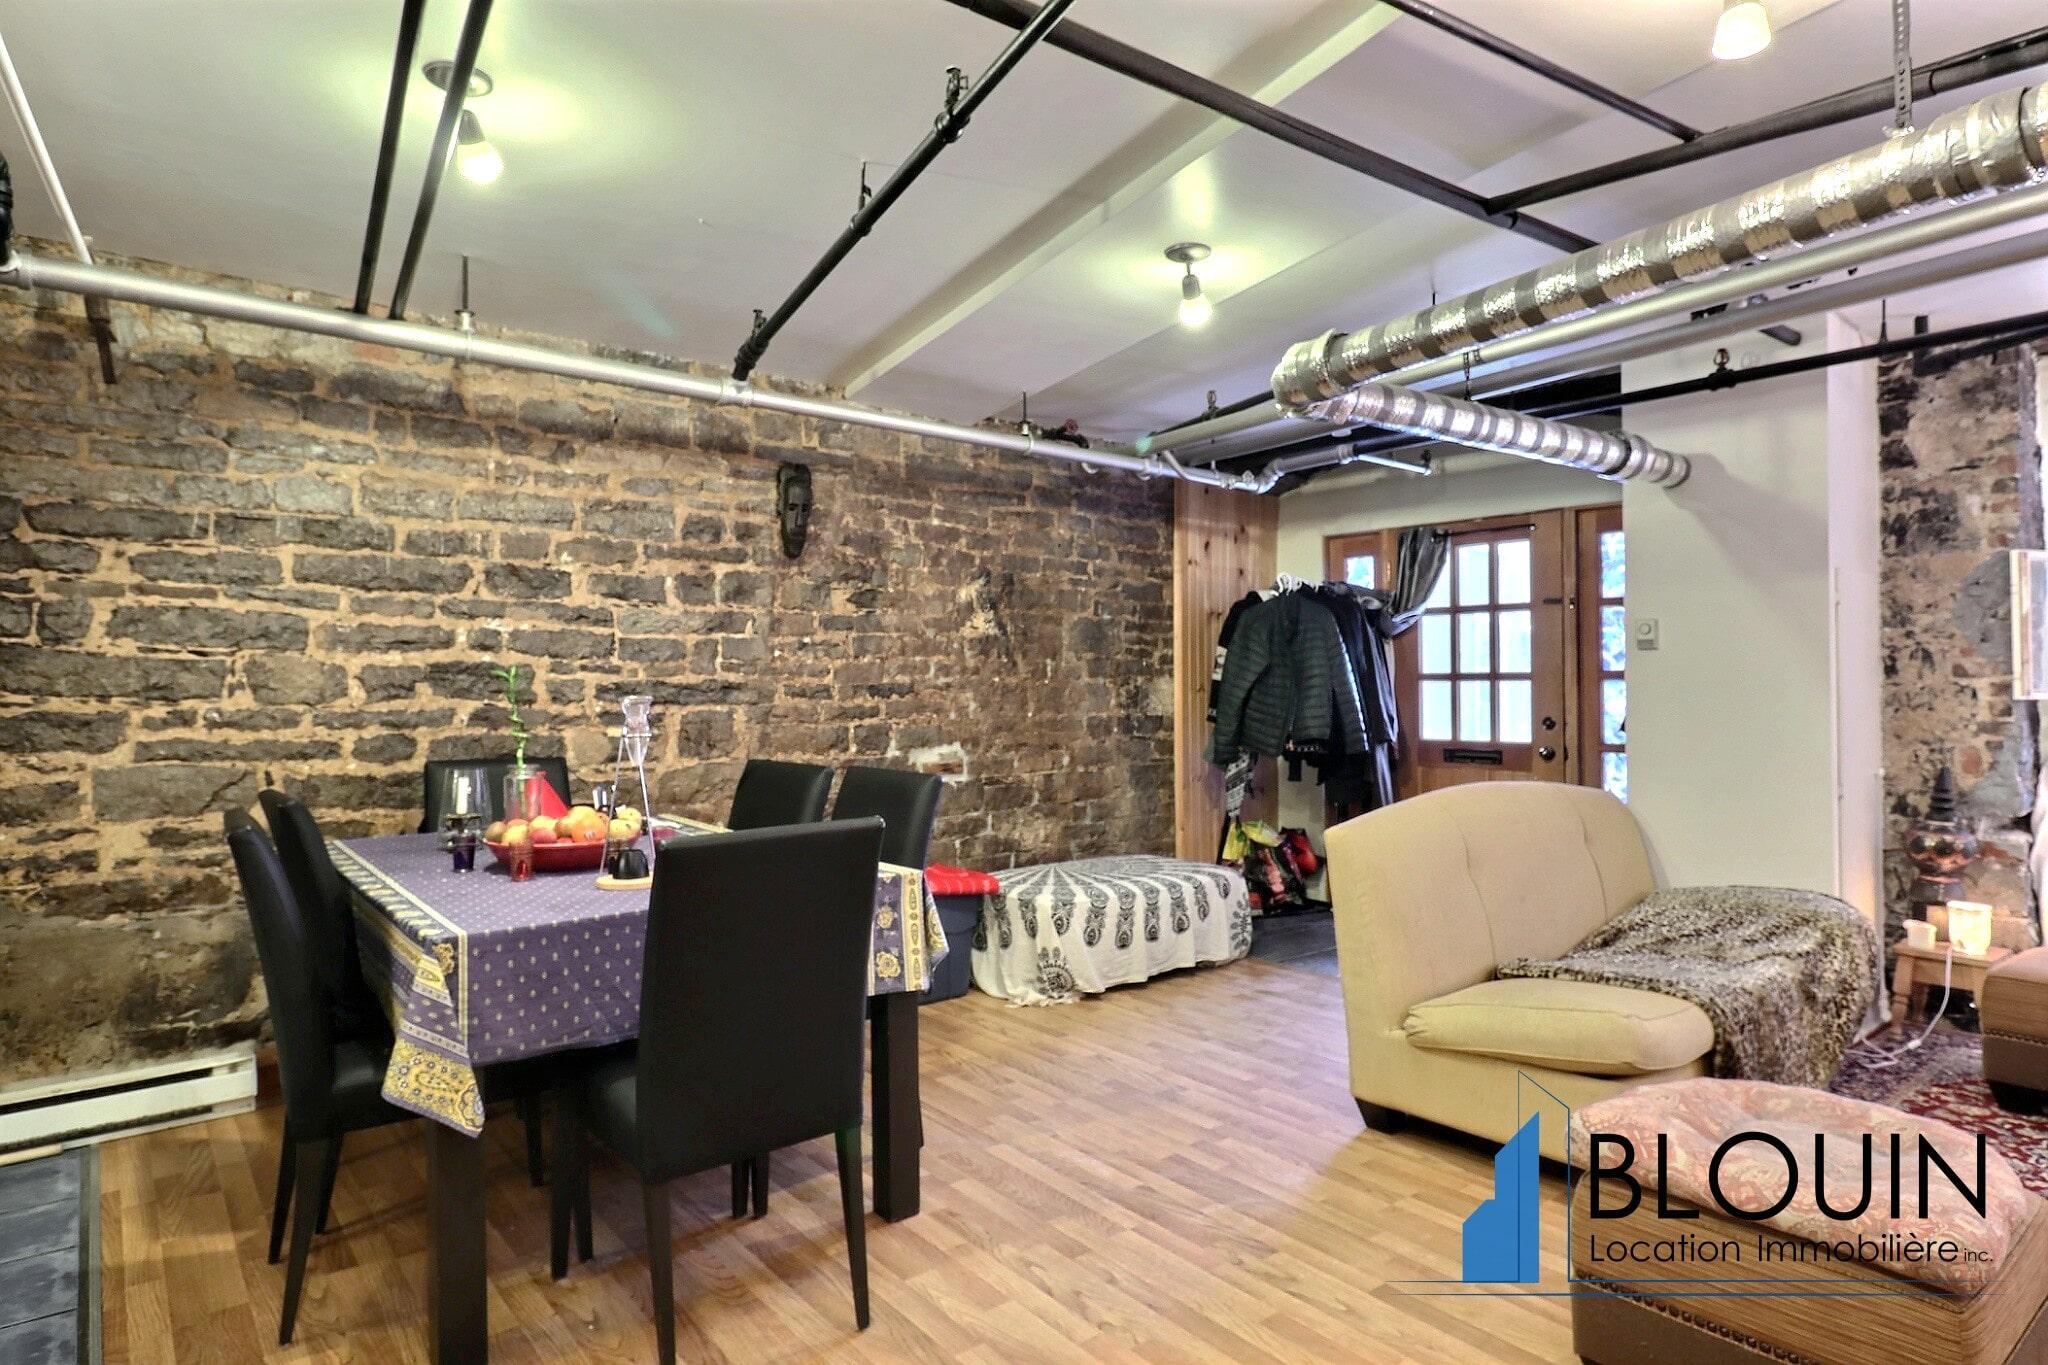 Photo 2 : Grand Loft avec chambre fermée, Vieux-Québec, libre pour Juillet, Eau chaude incluse, 1 mois GRATUIT